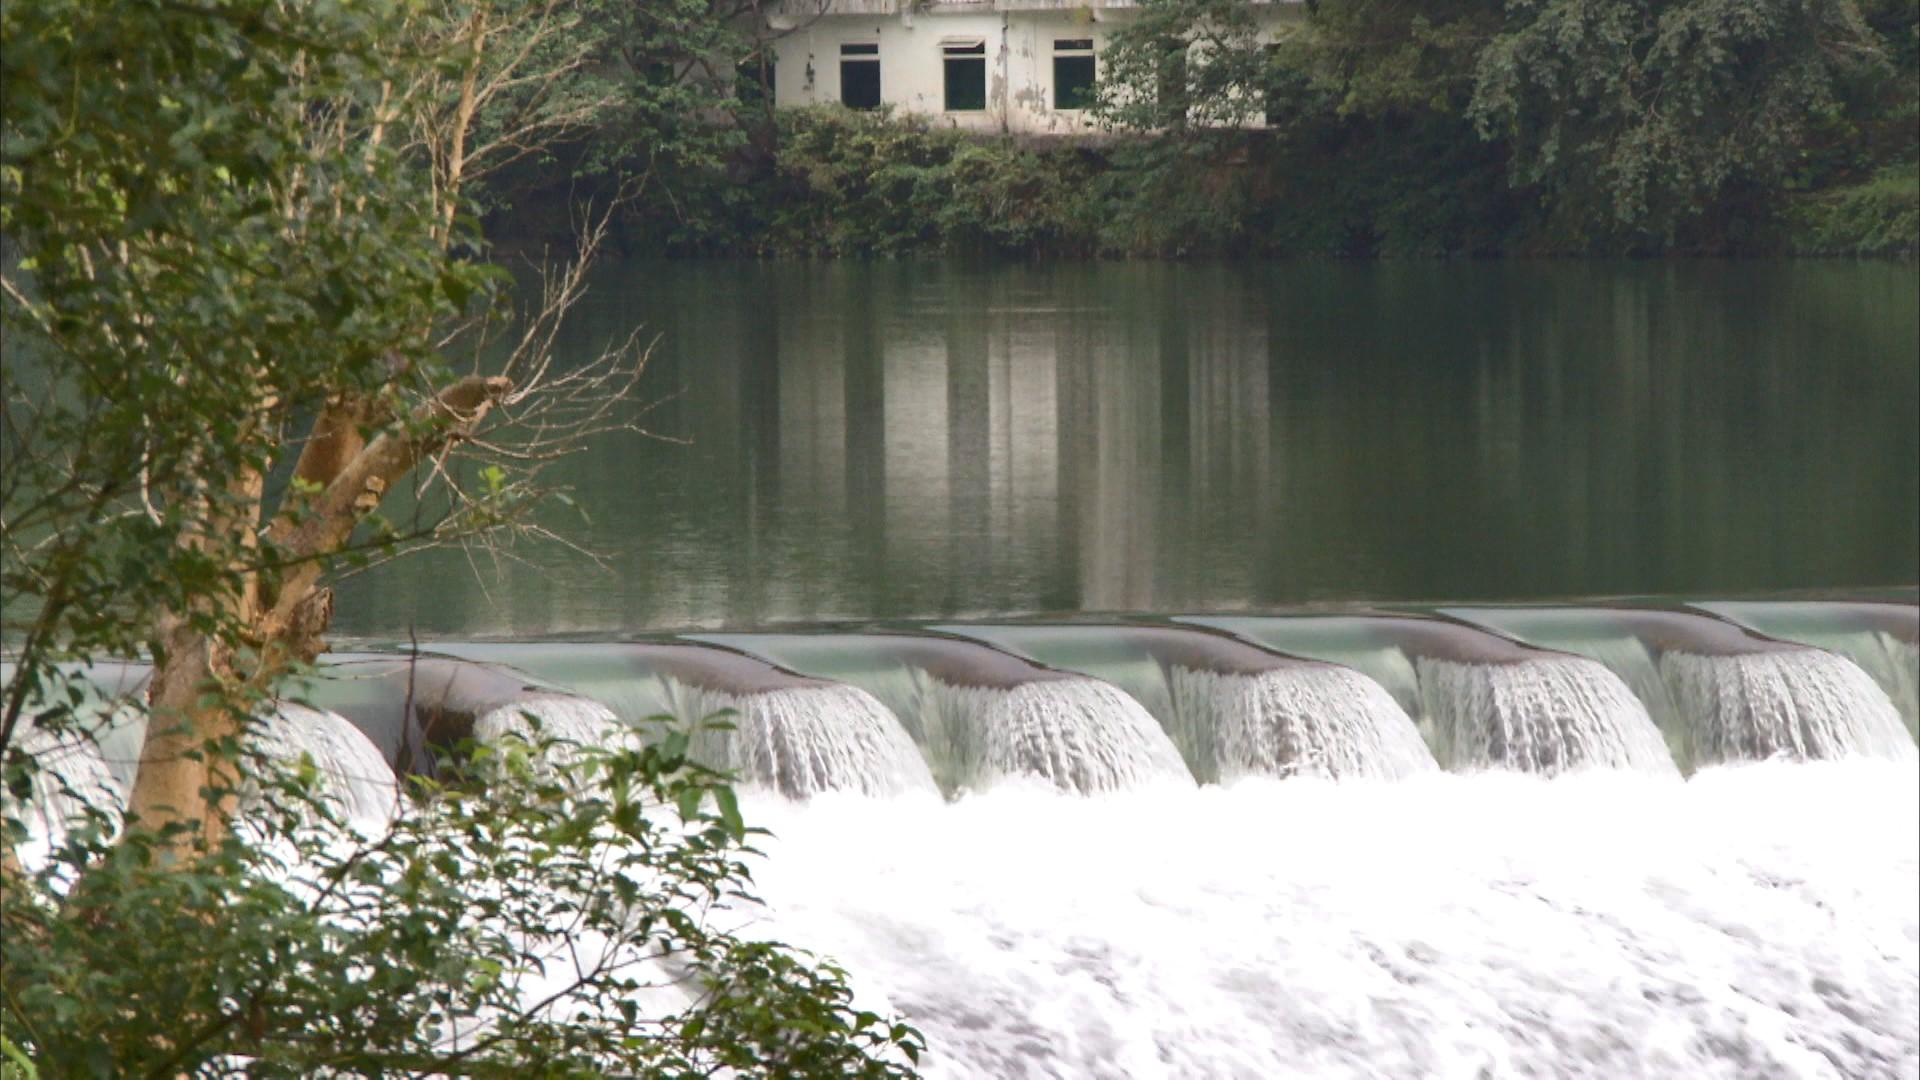 小粗坑電廠>粗坑壩(屈尺壩) :粗坑壩是一個混凝土重力壩,壩本身的重量必須承受水的壓力。